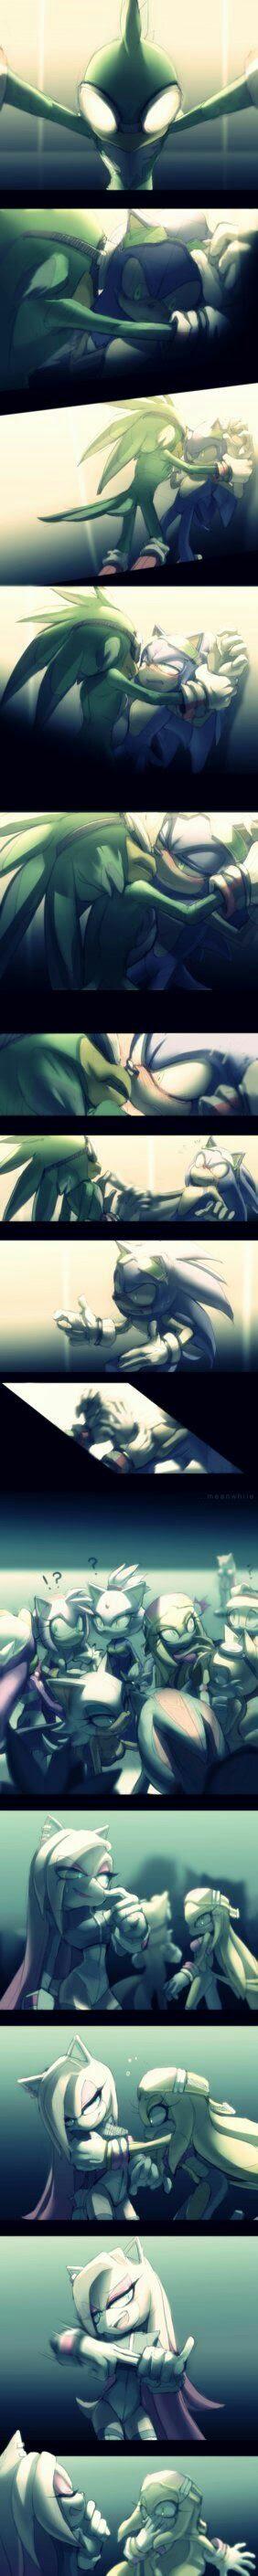 Sonic x Jet